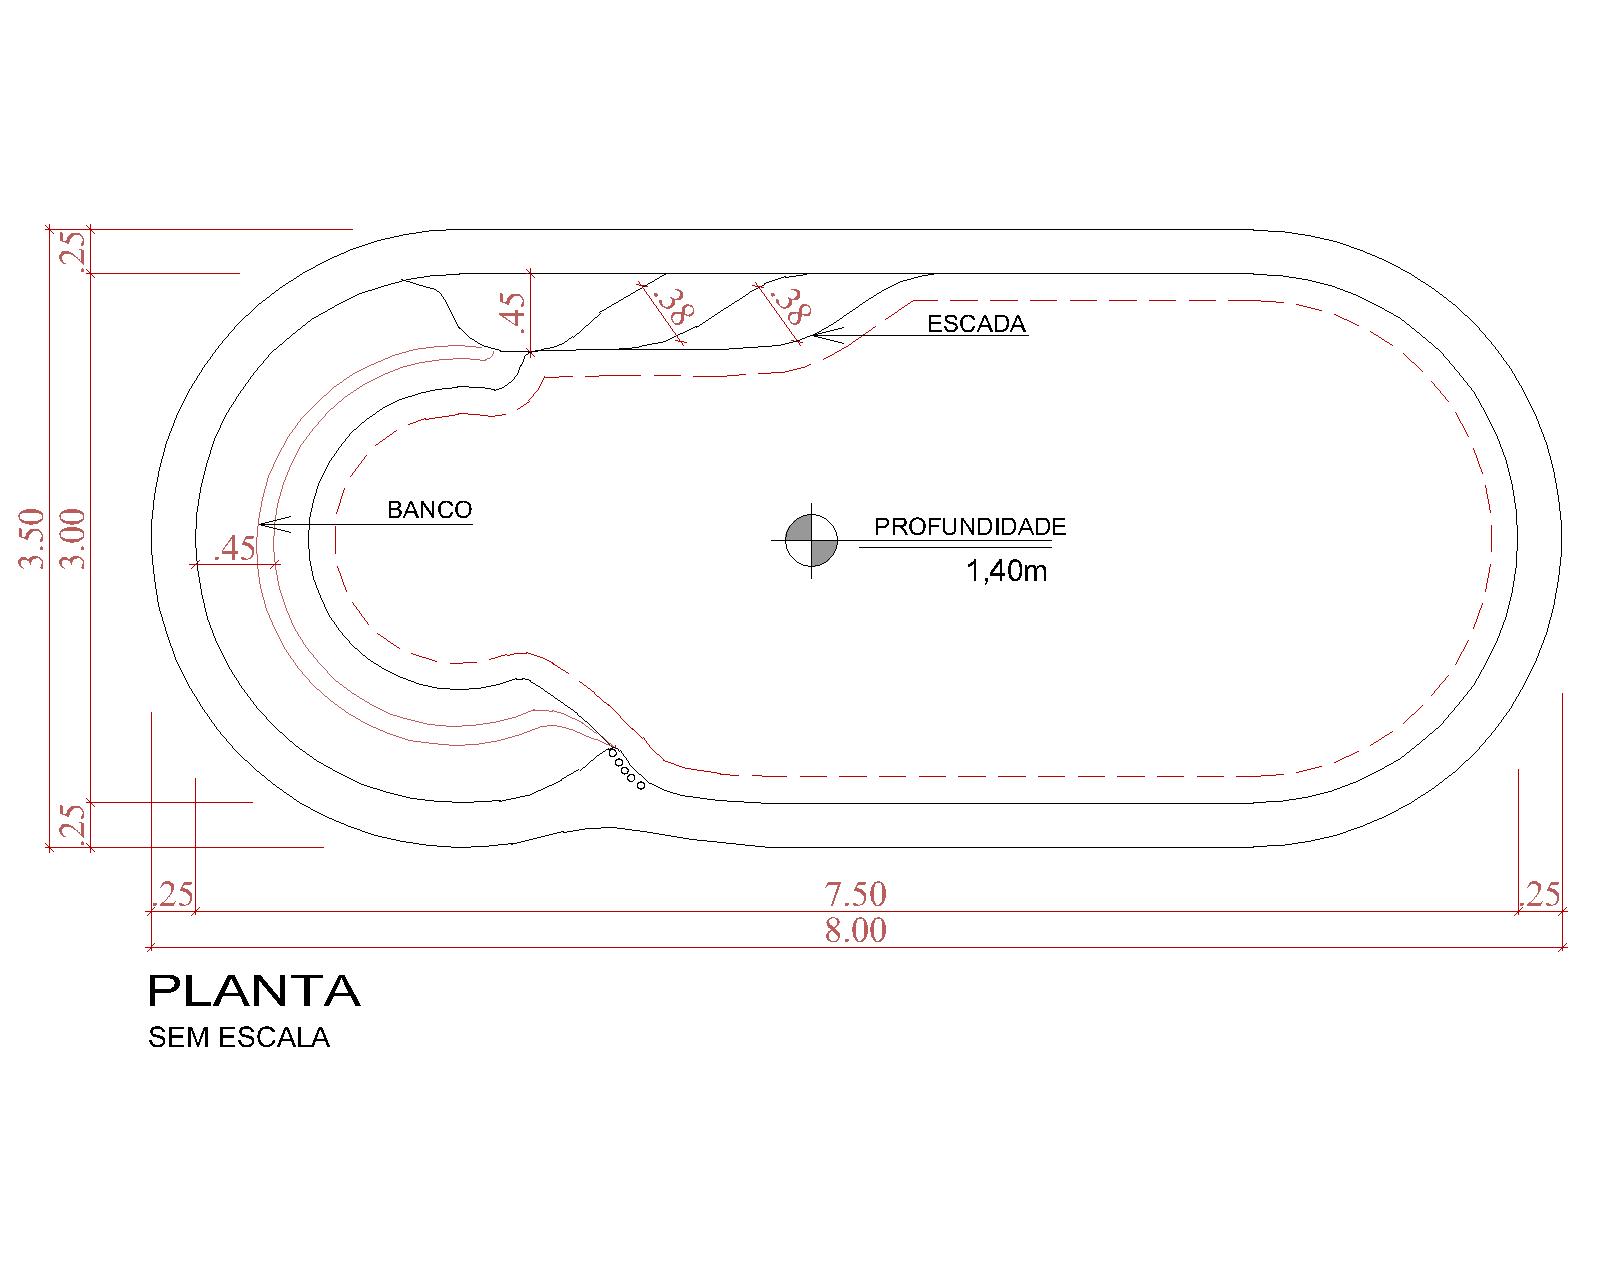 Desenho técnico Maresias (sem escala)